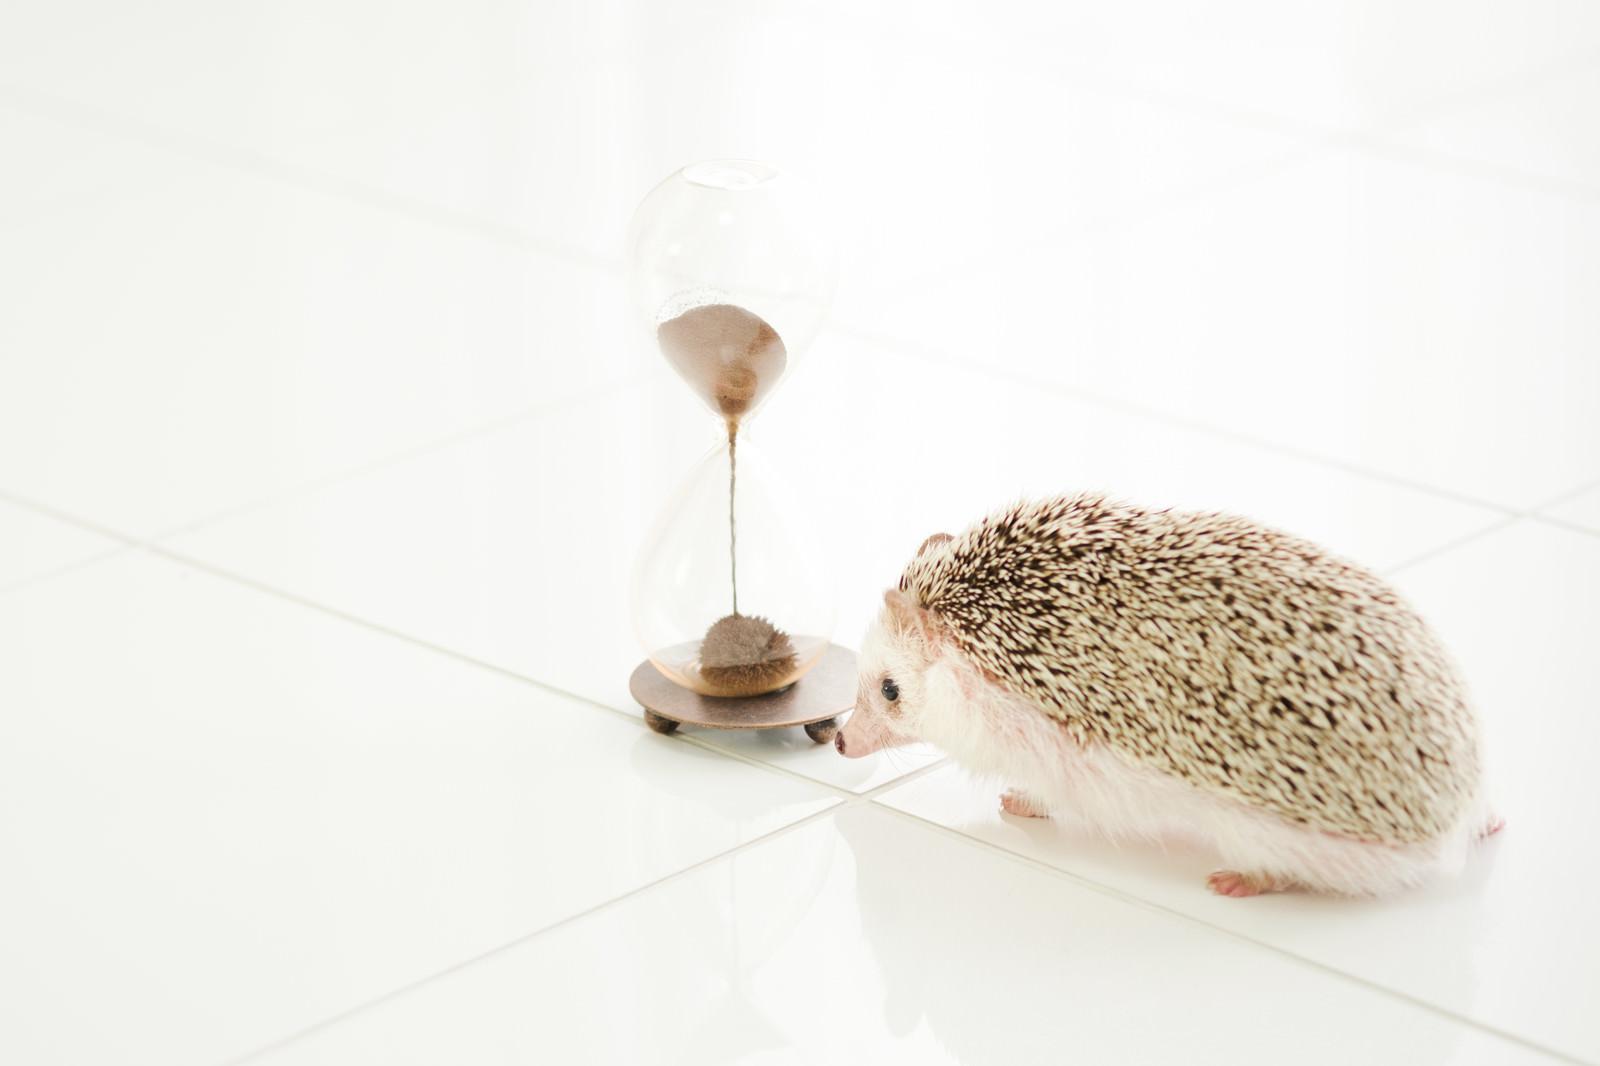 「残り時間を気にするハリネズミ」の写真